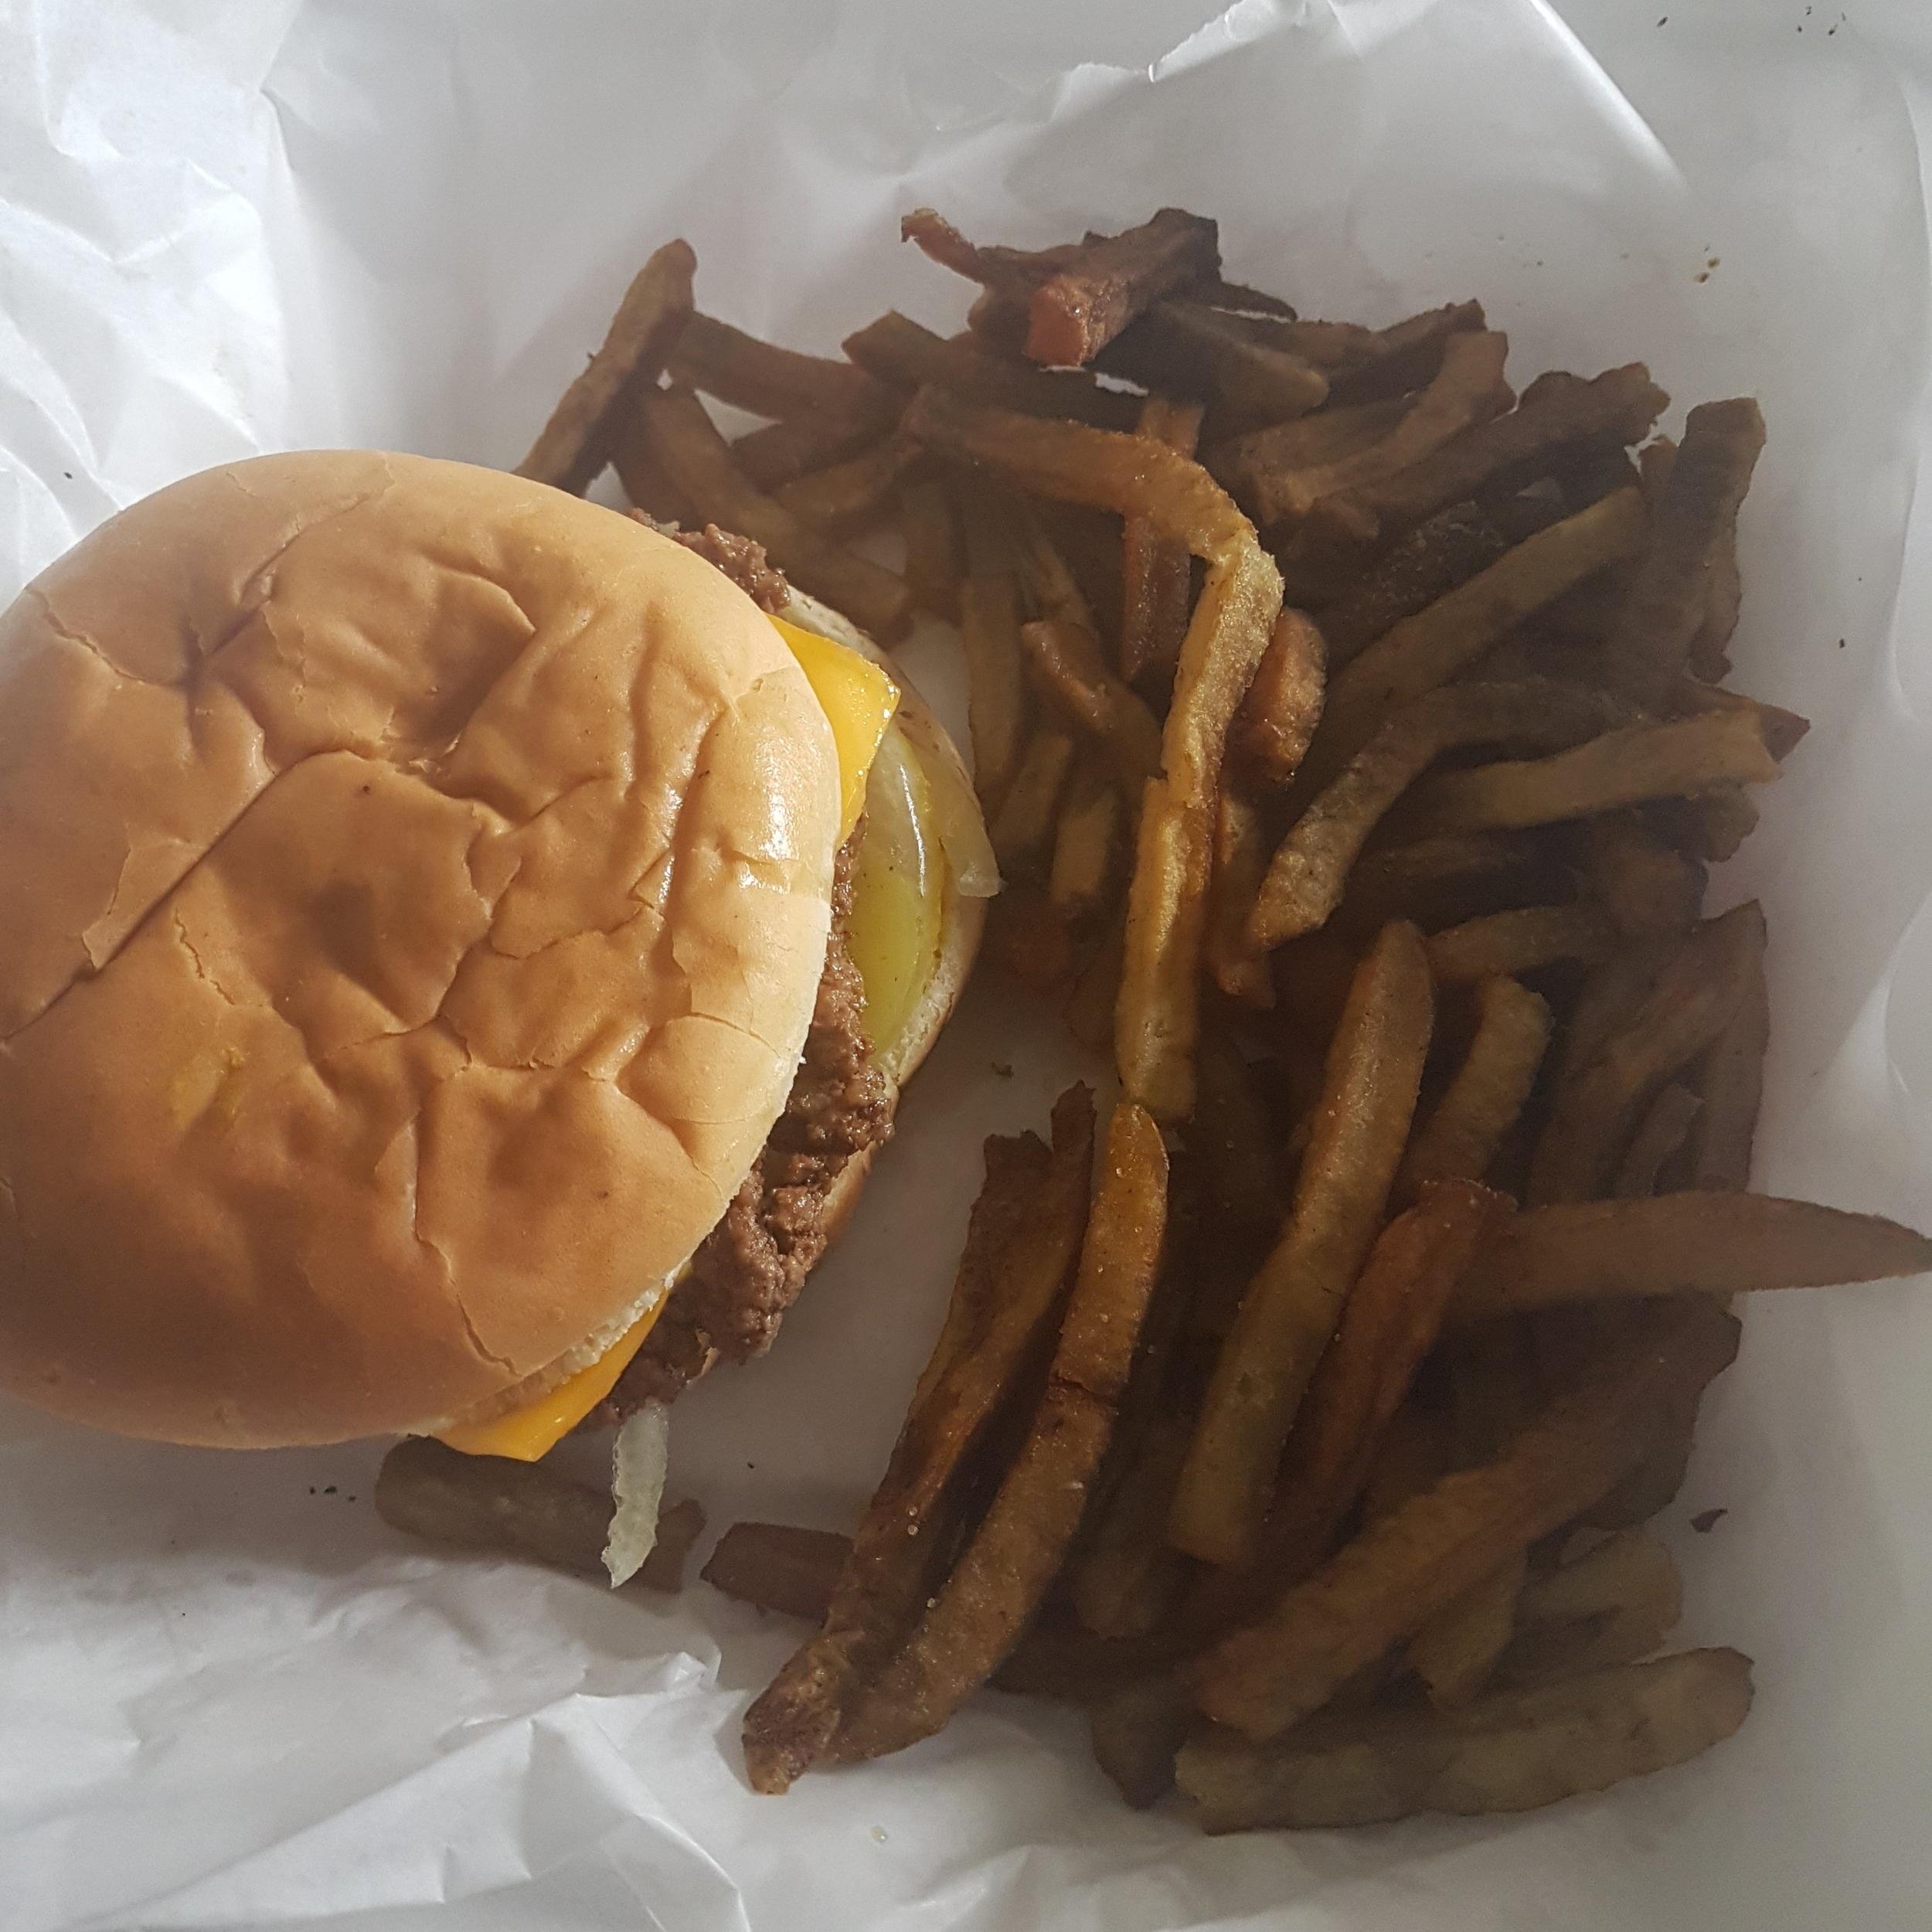 Plain but delicious!